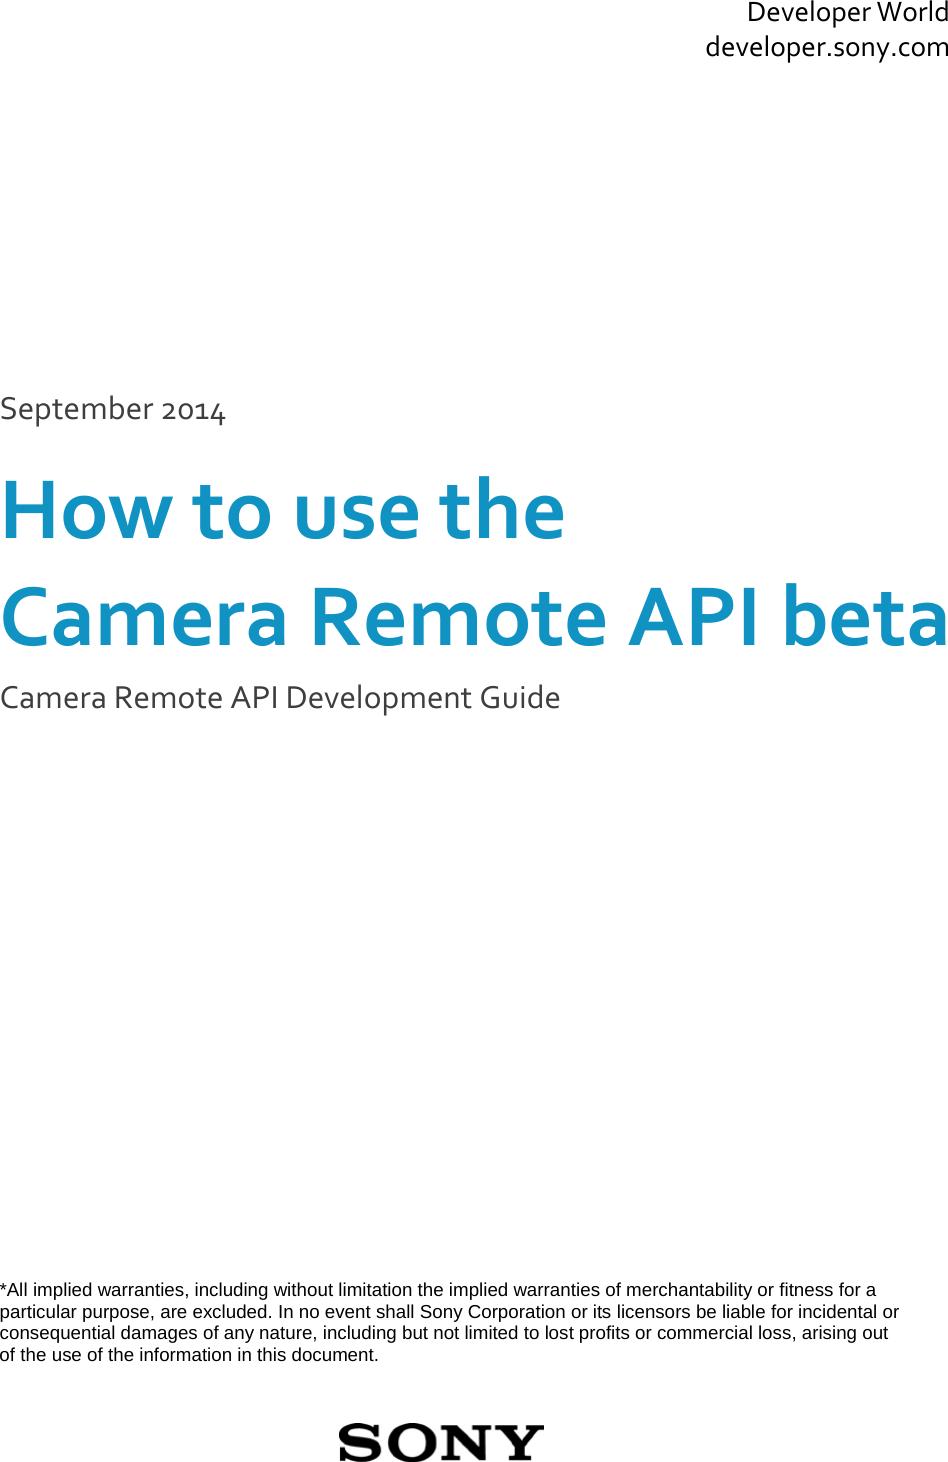 Sony Camera Remote APIbeta Development Guide V1 20